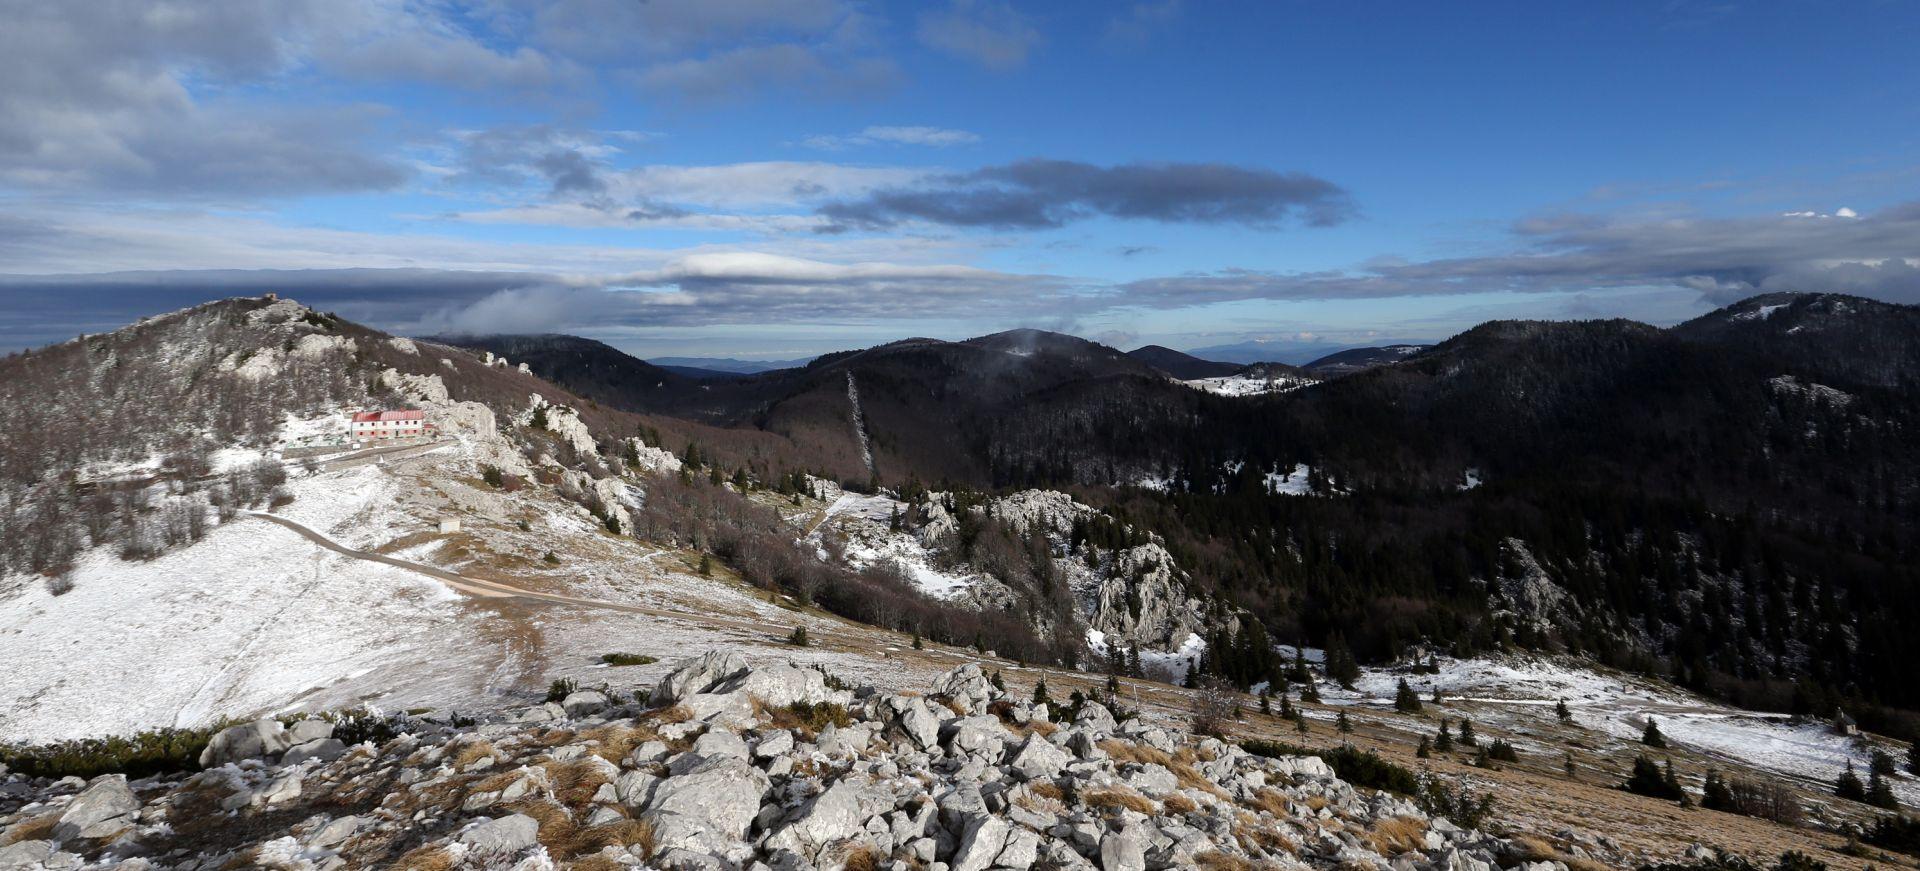 RAZVOJ NOVIH PROGRAMA: NP Sjeverni Velebit dobio EU sredstva za posjetitelje 55+